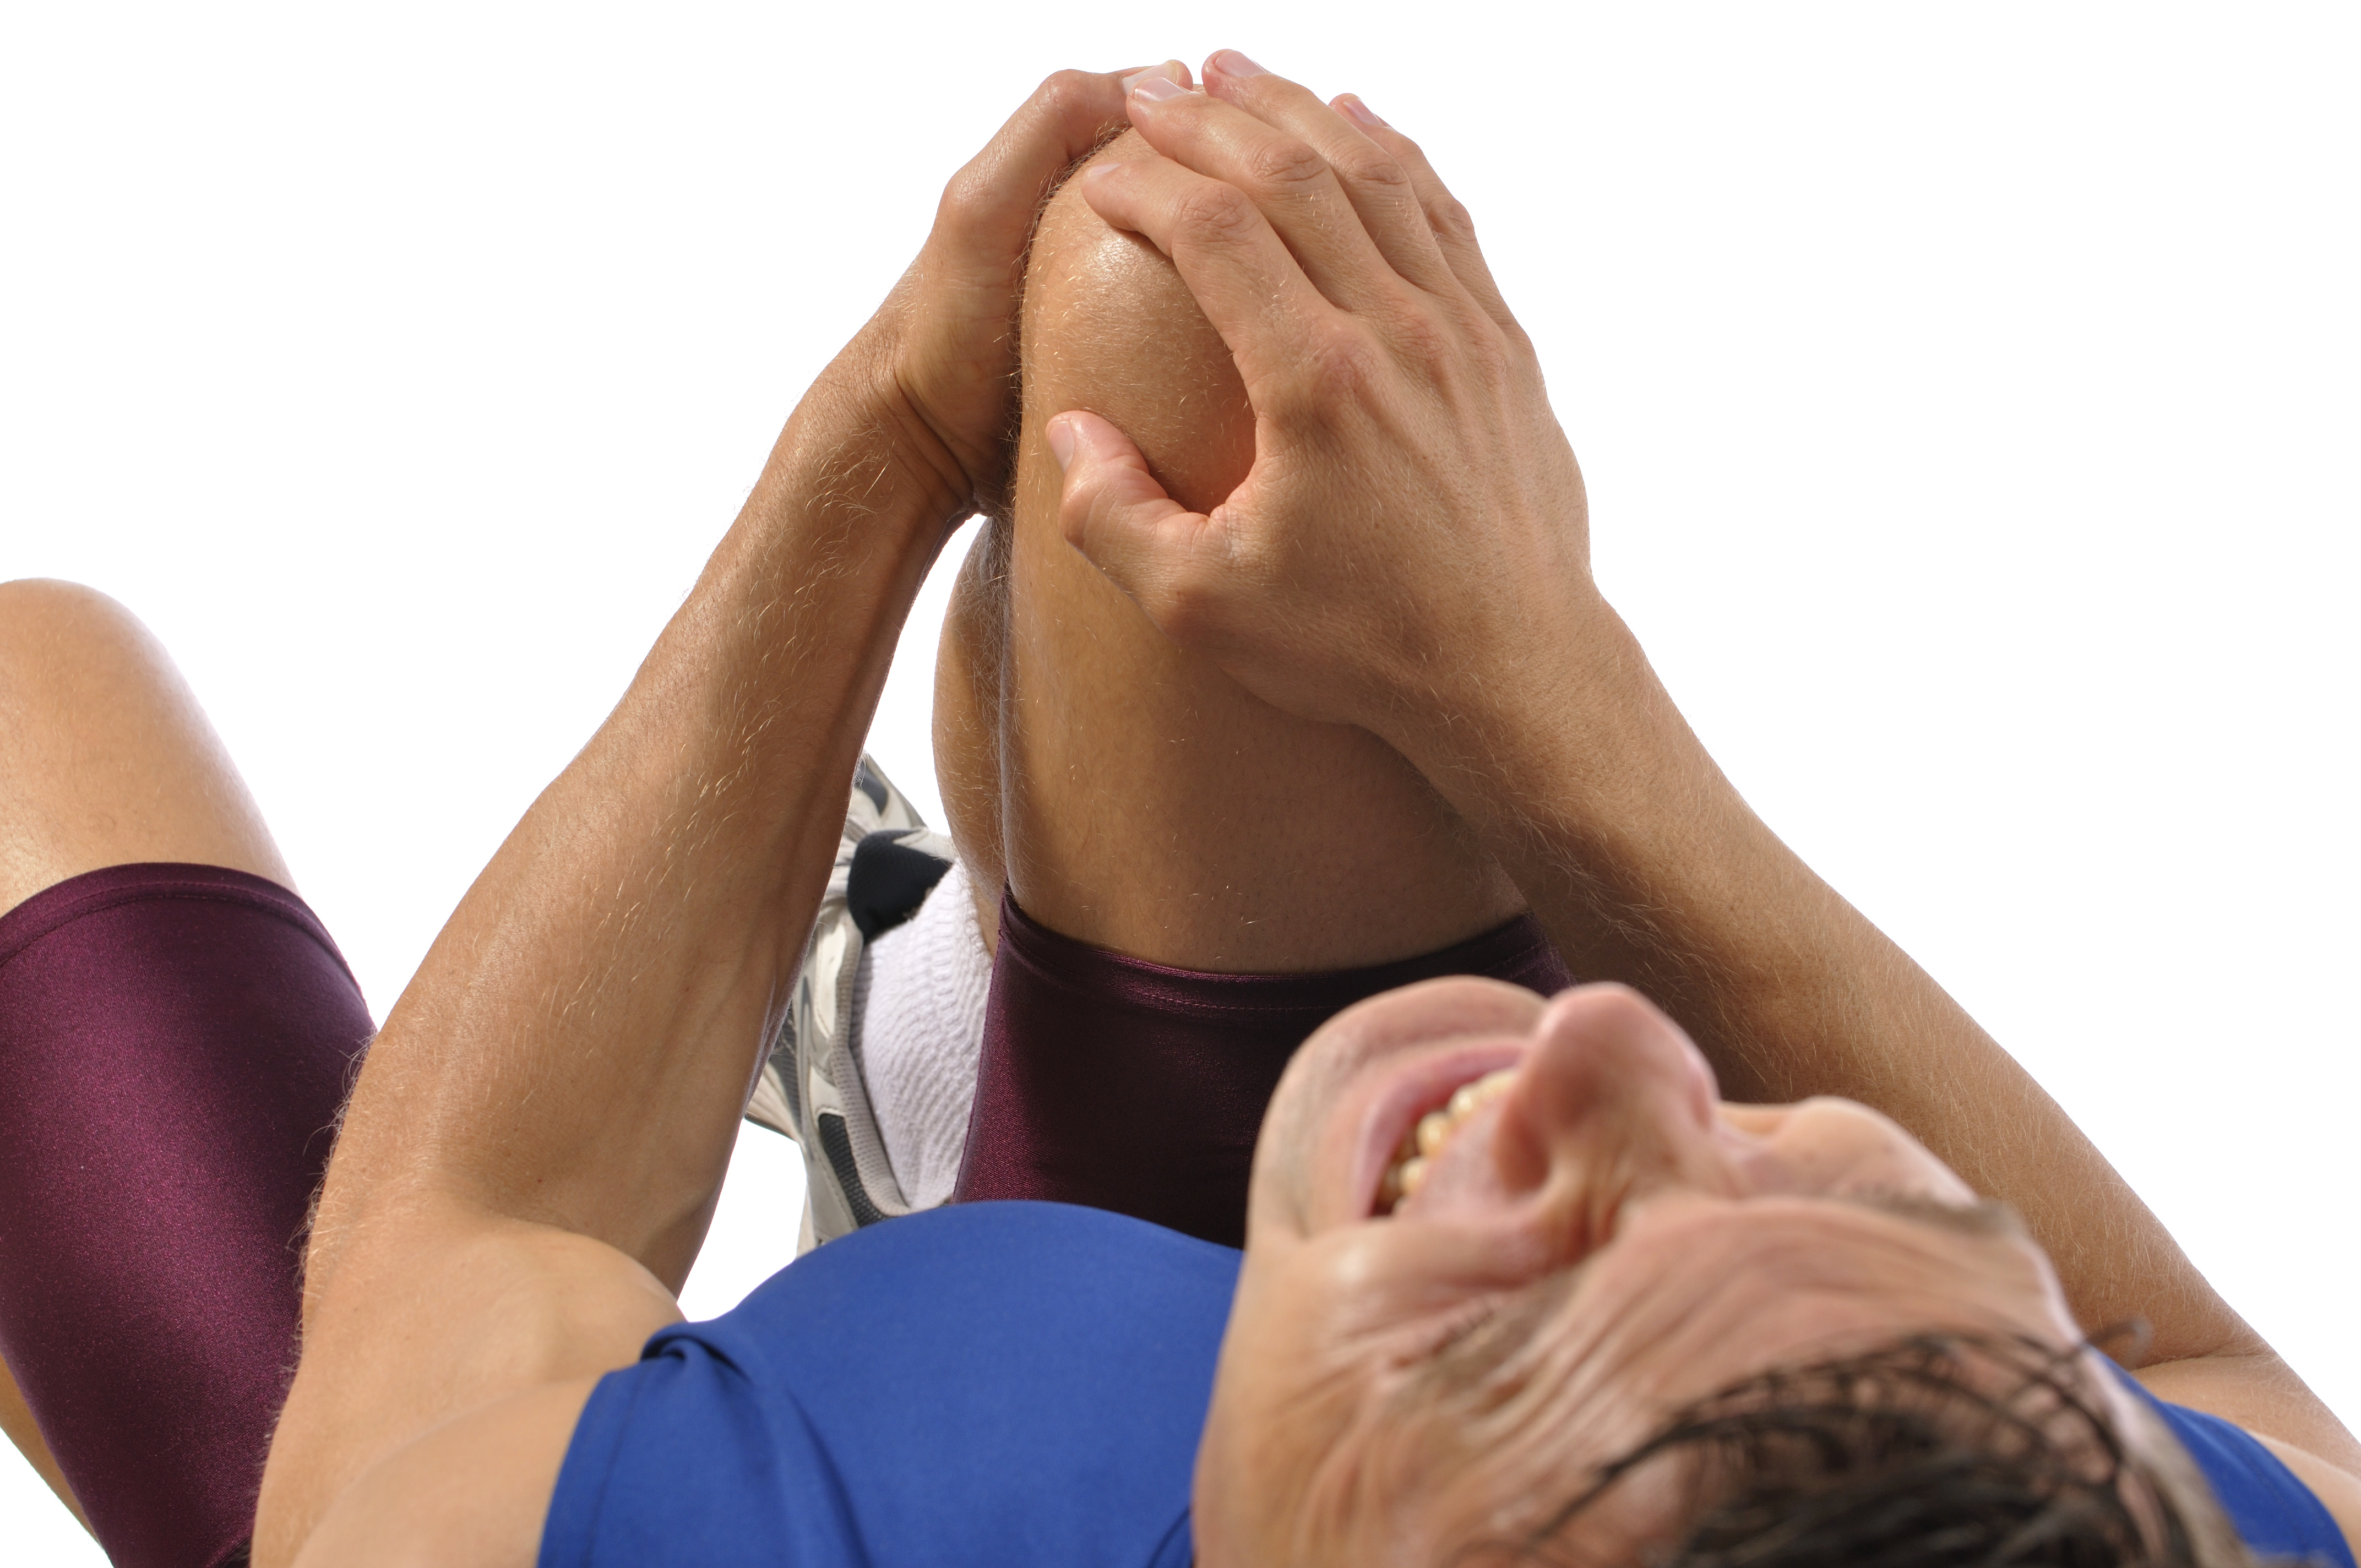 Ejercicio en exceso, sobreentrenamiento, lesiones, dr. Mauricio arouesty, proloterapia